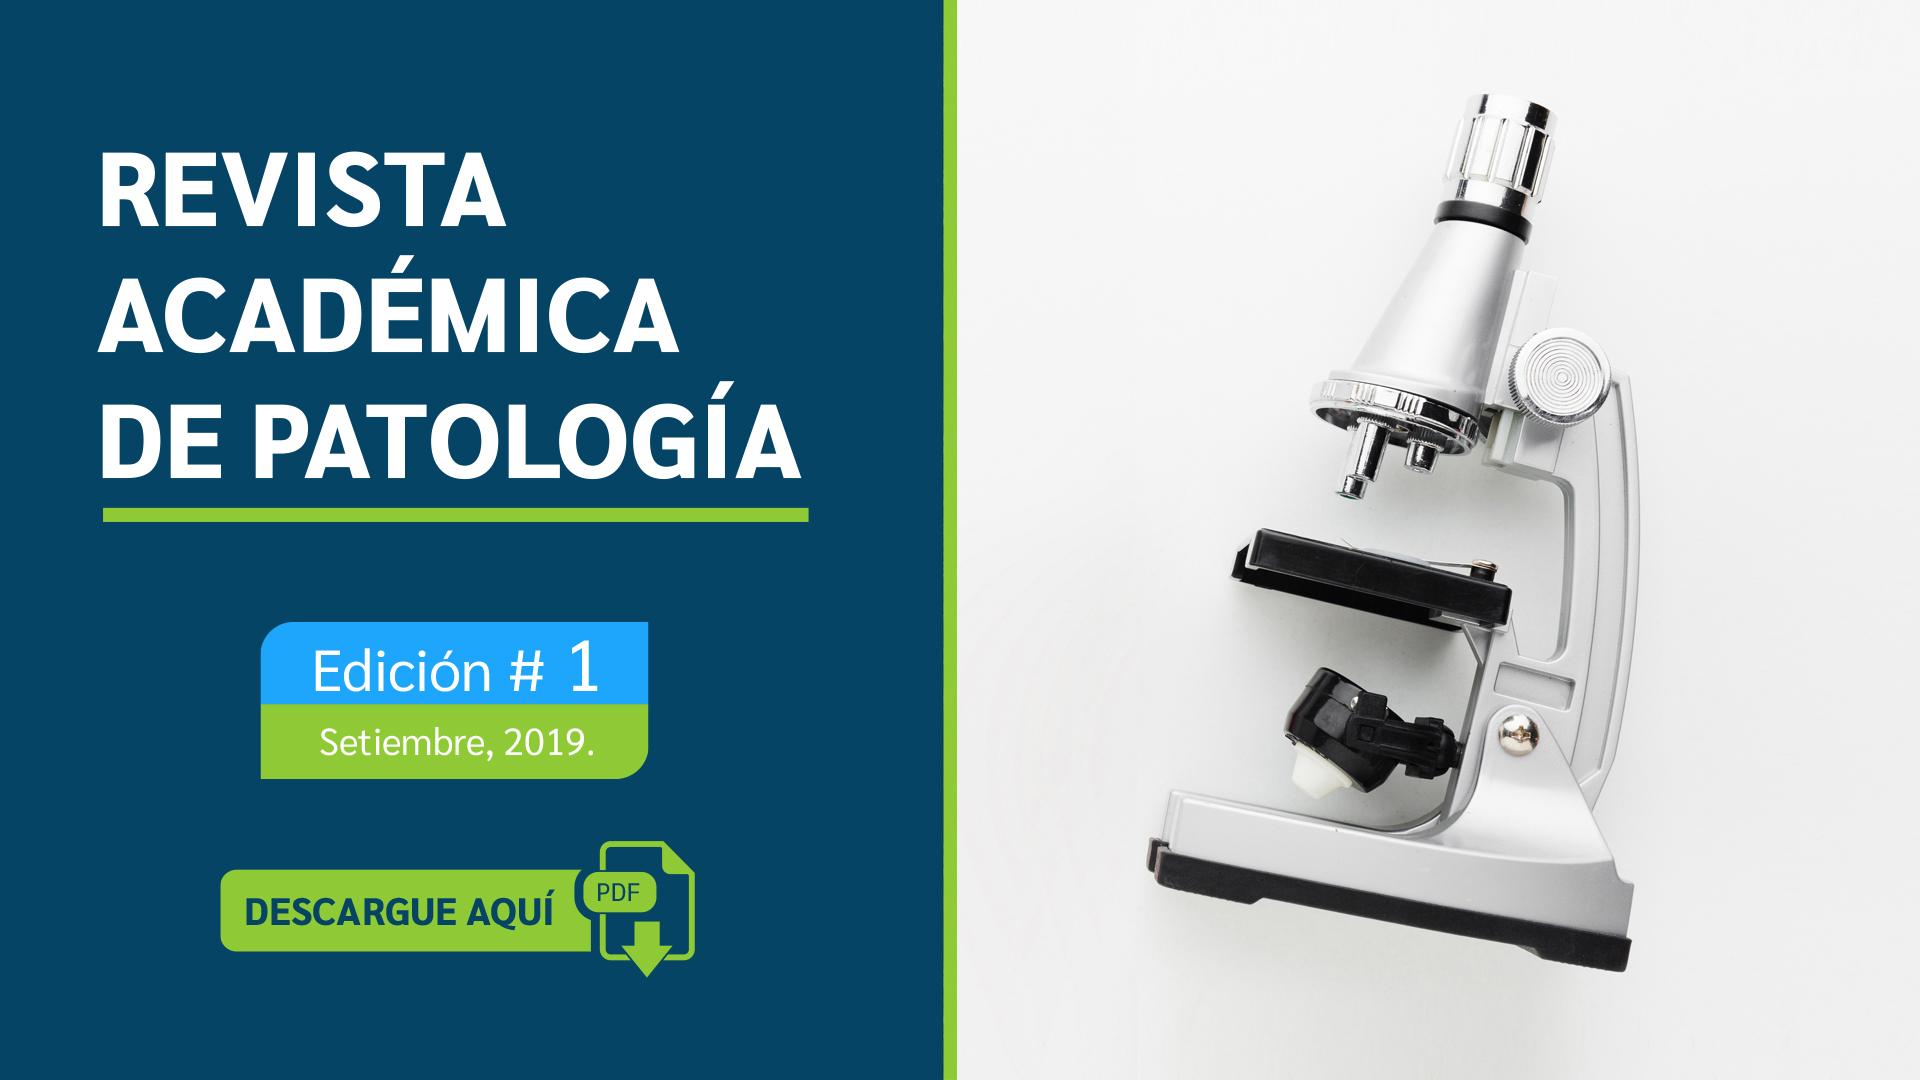 Revista Académica de Patología Edición 1